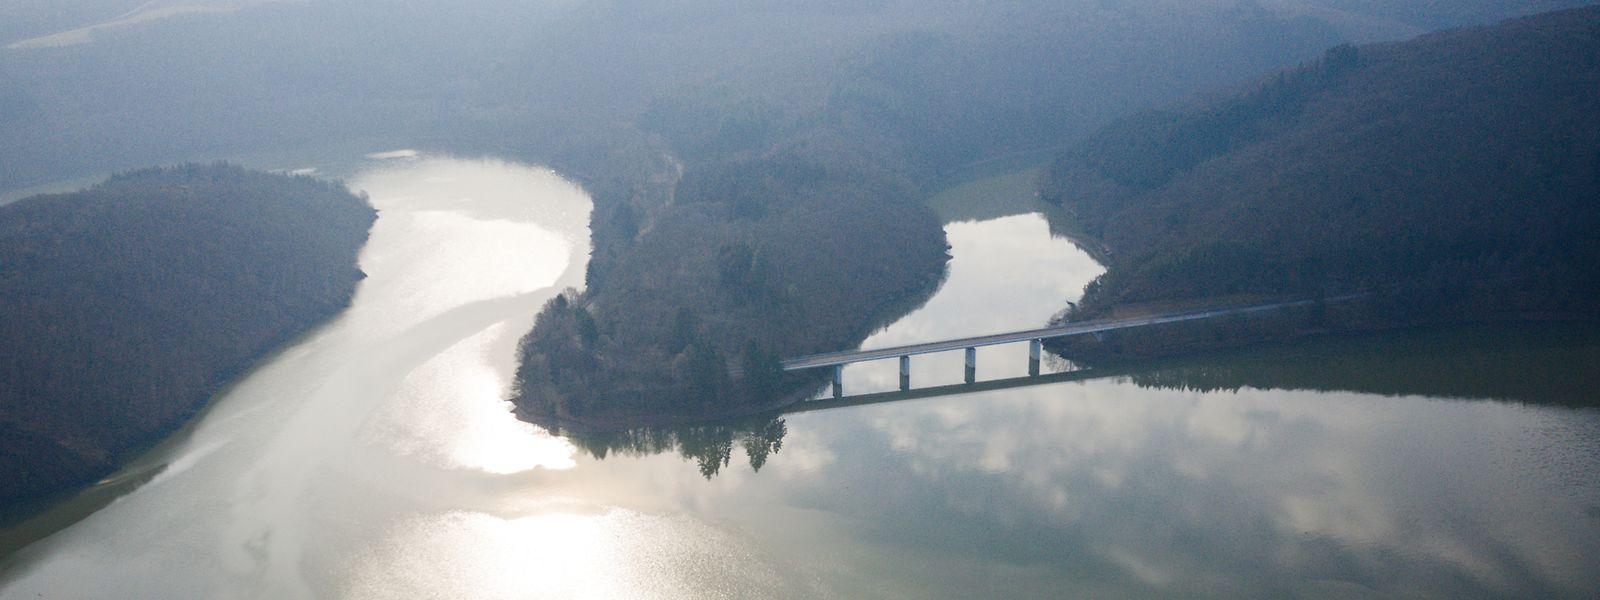 Mit dem neuen Schutzzonenkonzept soll die Wasserqualität des Stausees erhalten bleiben.